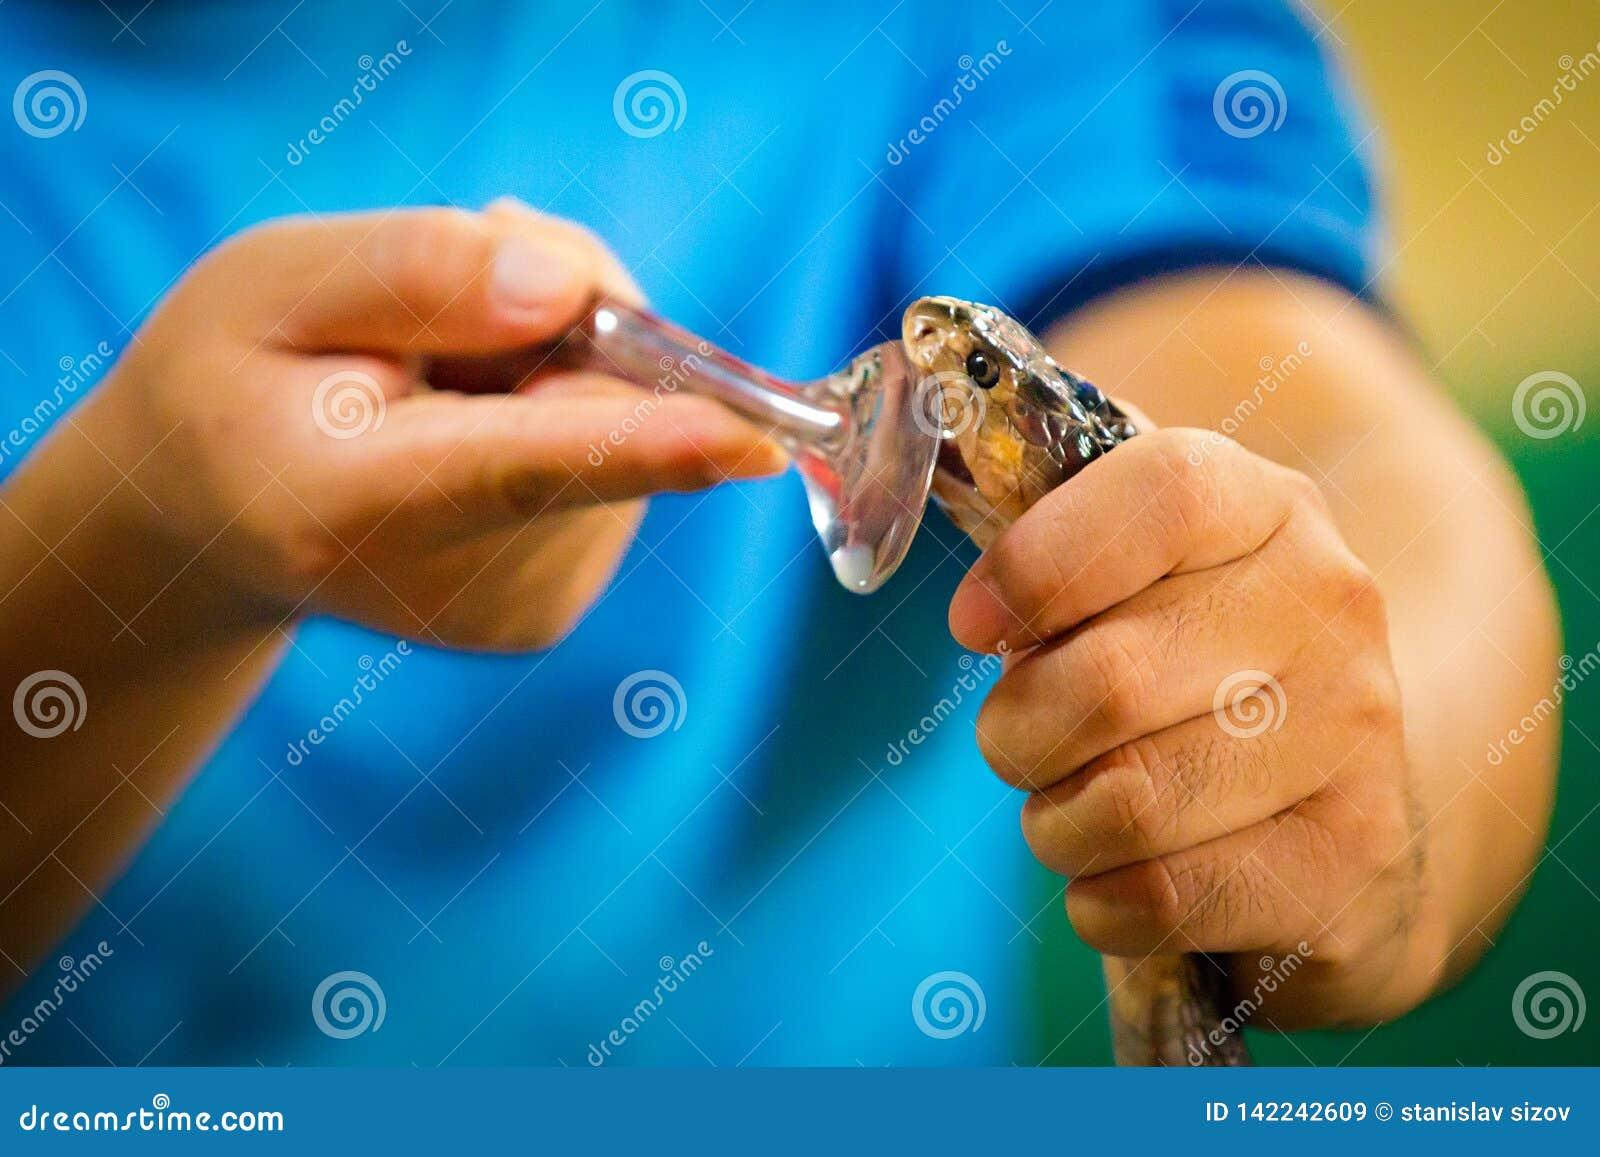 Jadowity wąż w dziecko ręce iść gryźć on